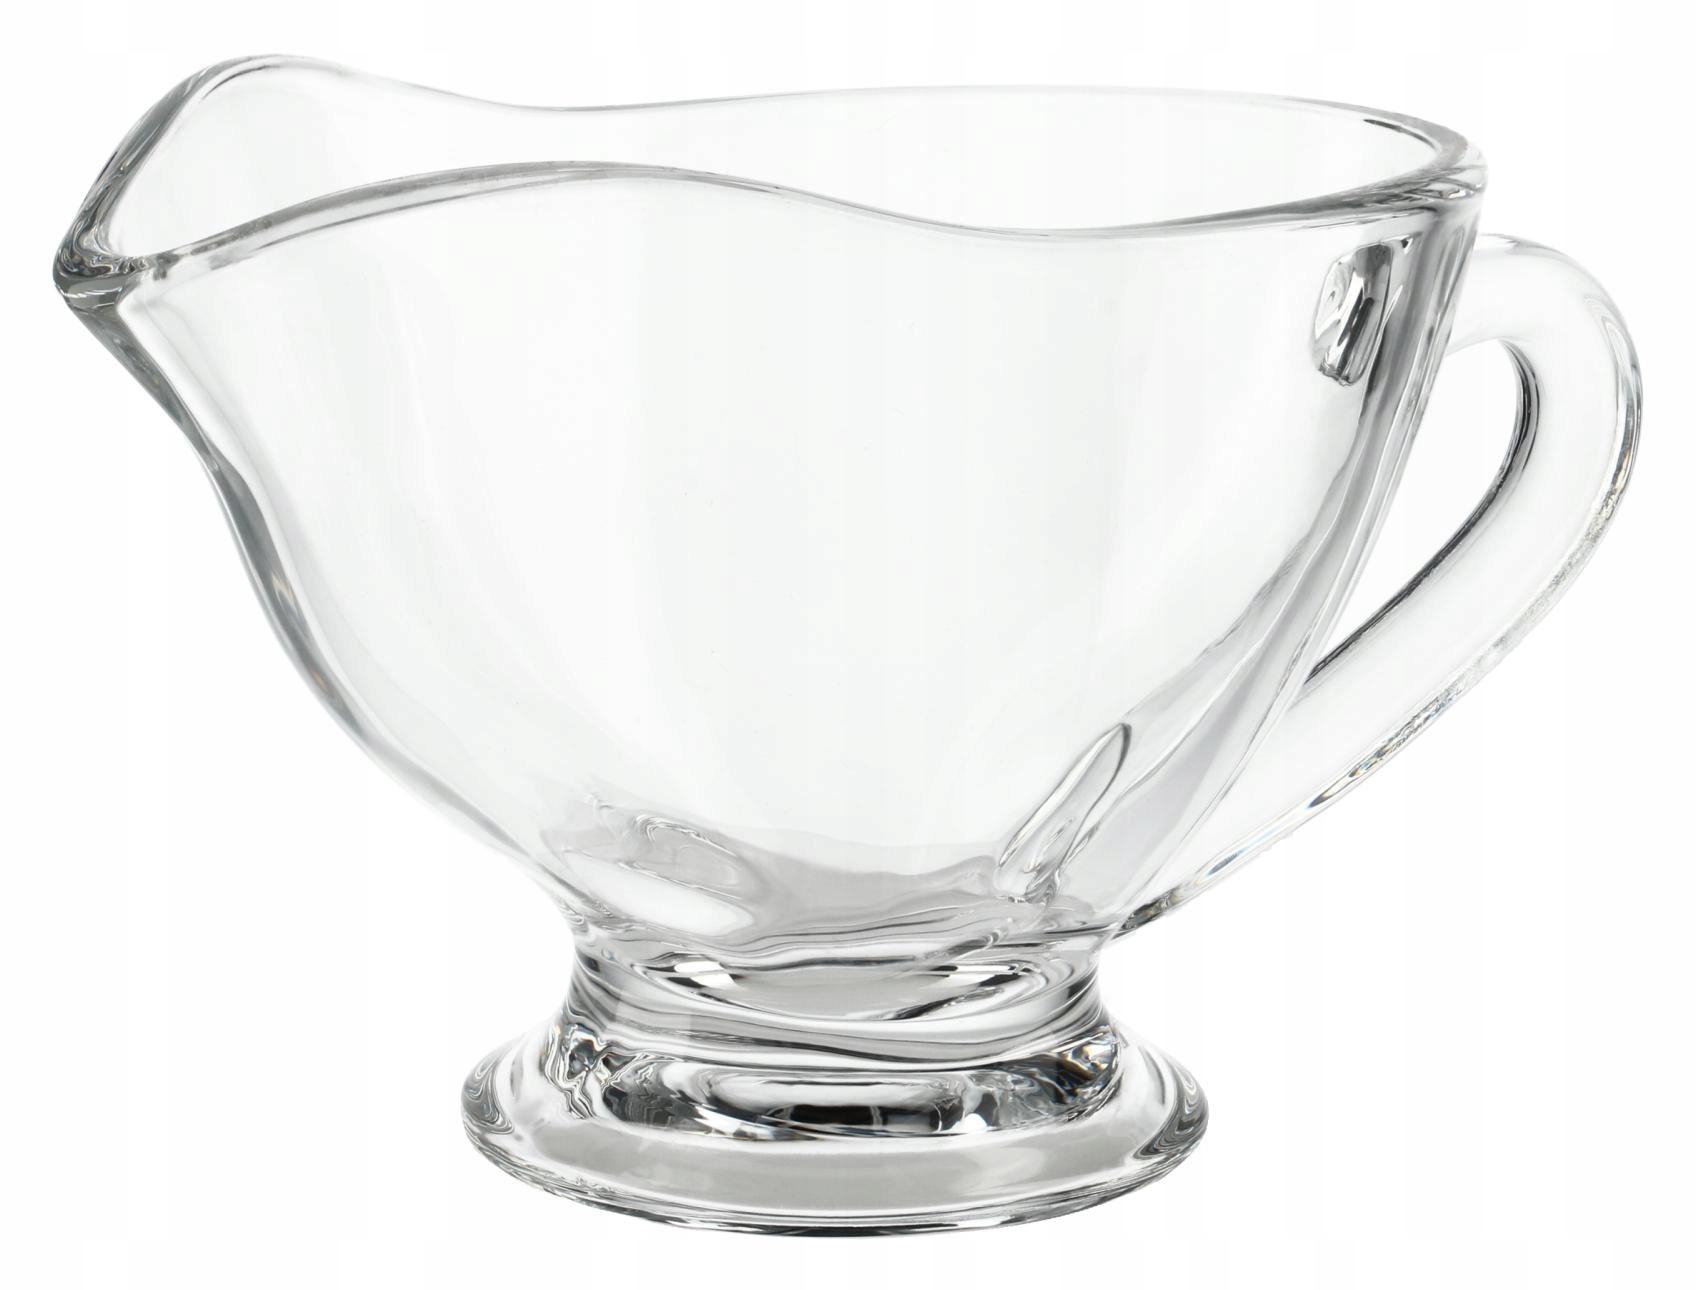 Szklana sosjerka dipówka naczynie do sosów dipów